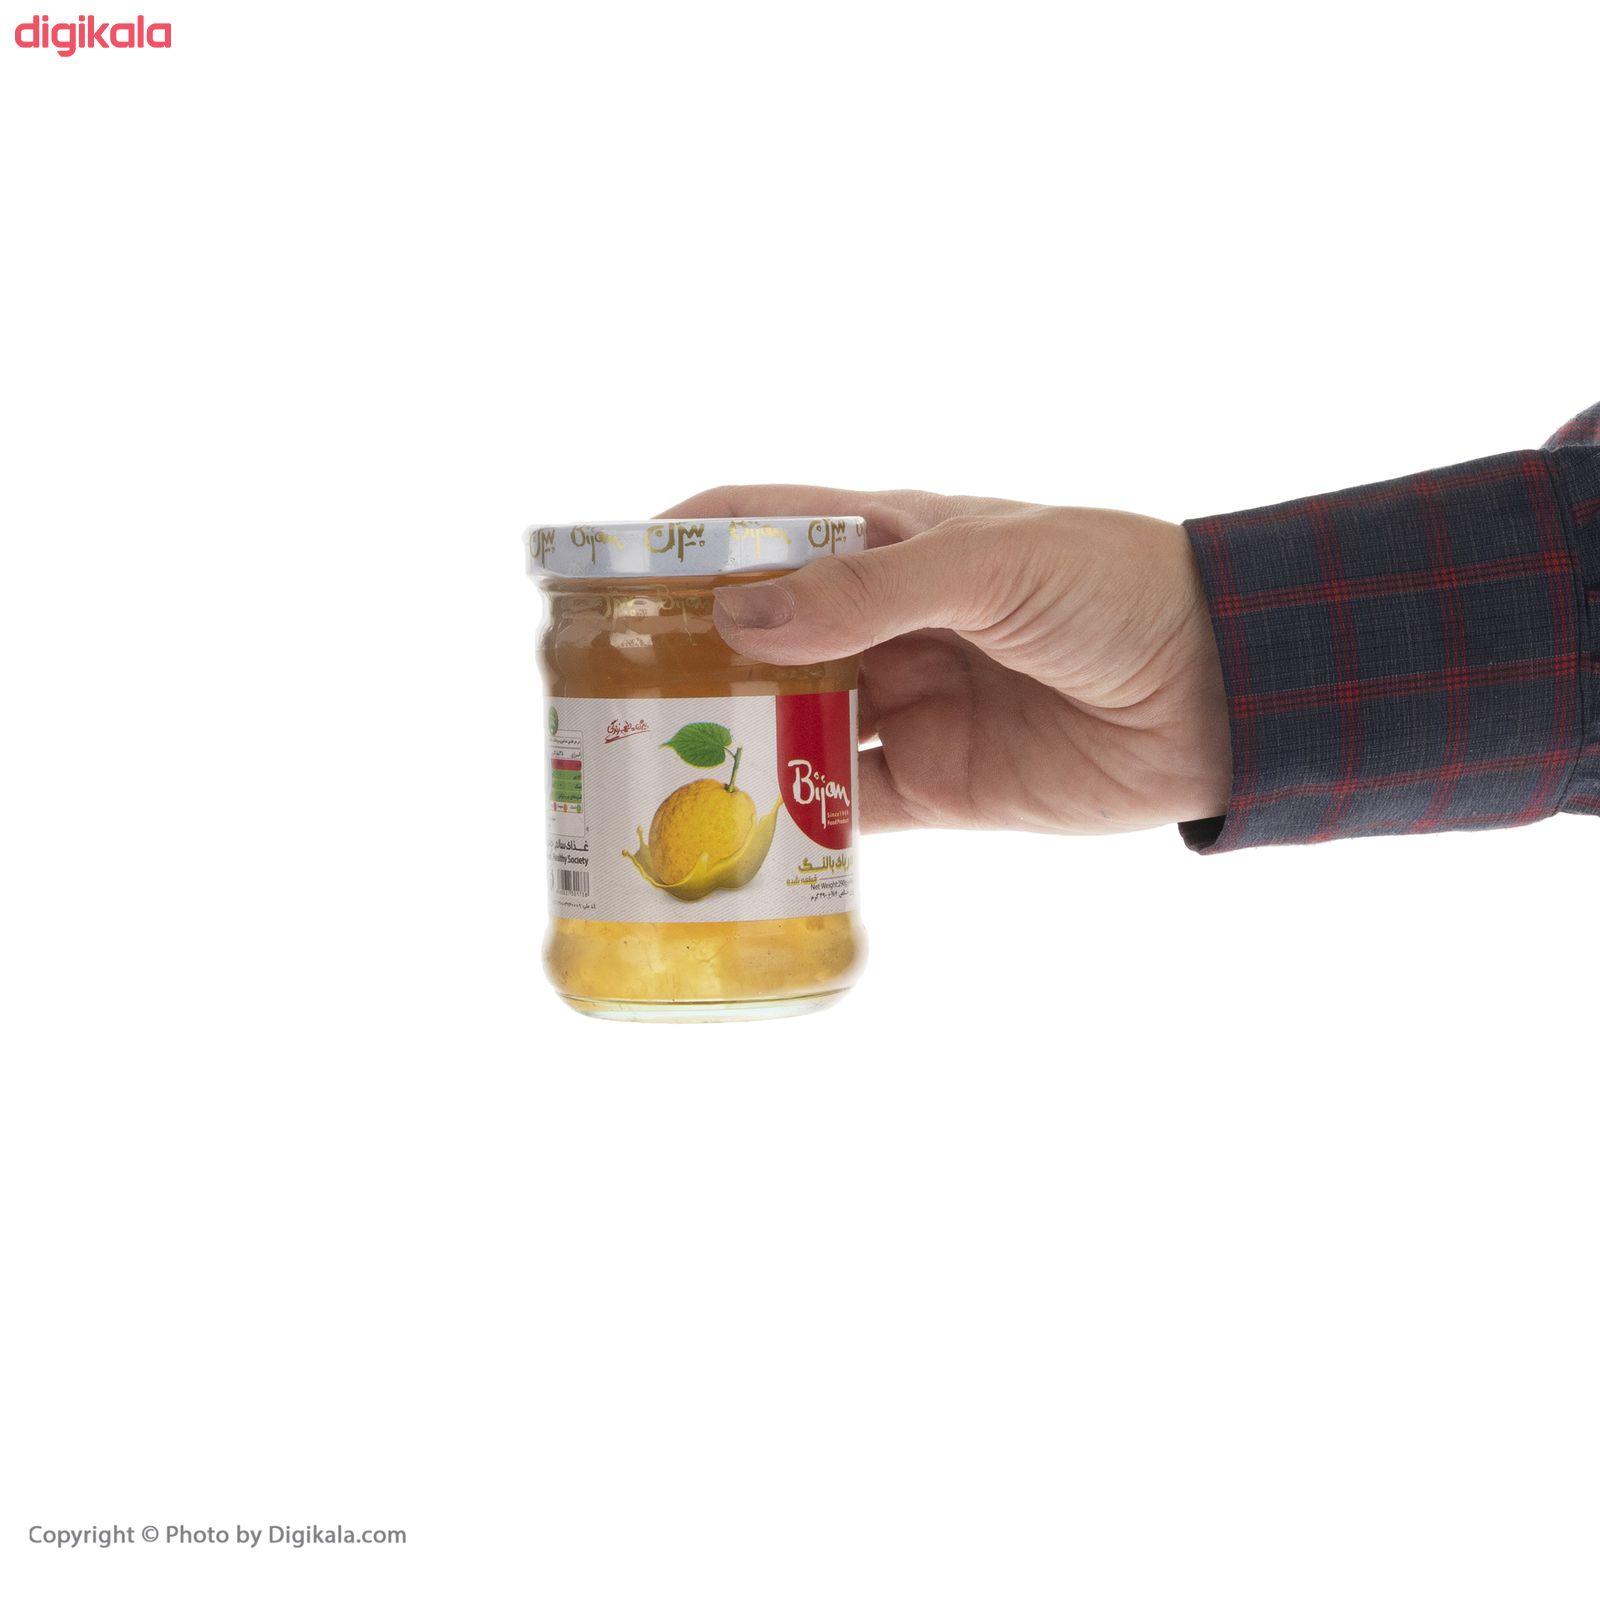 مربا بالنگ بیژن - 290 گرم main 1 3